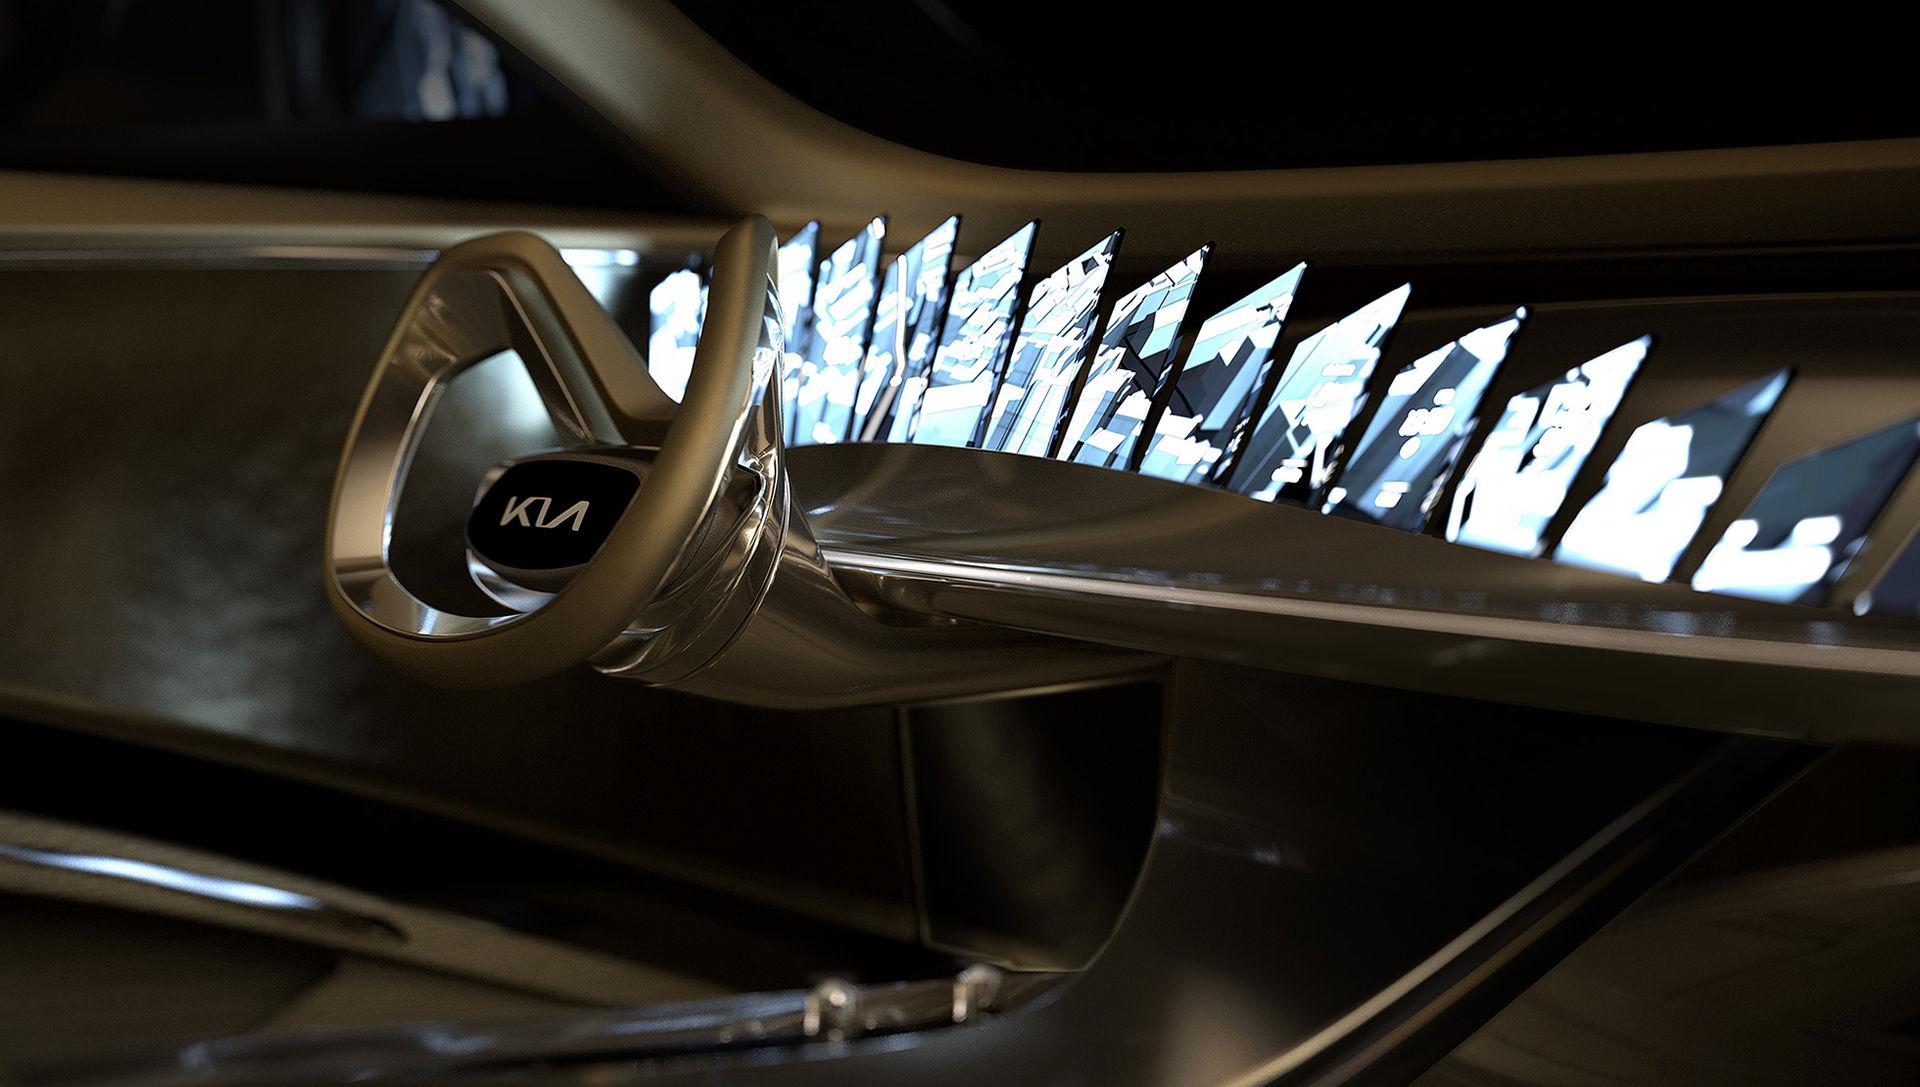 Kias eldrivna konceptbil har 21 stycken skärmar